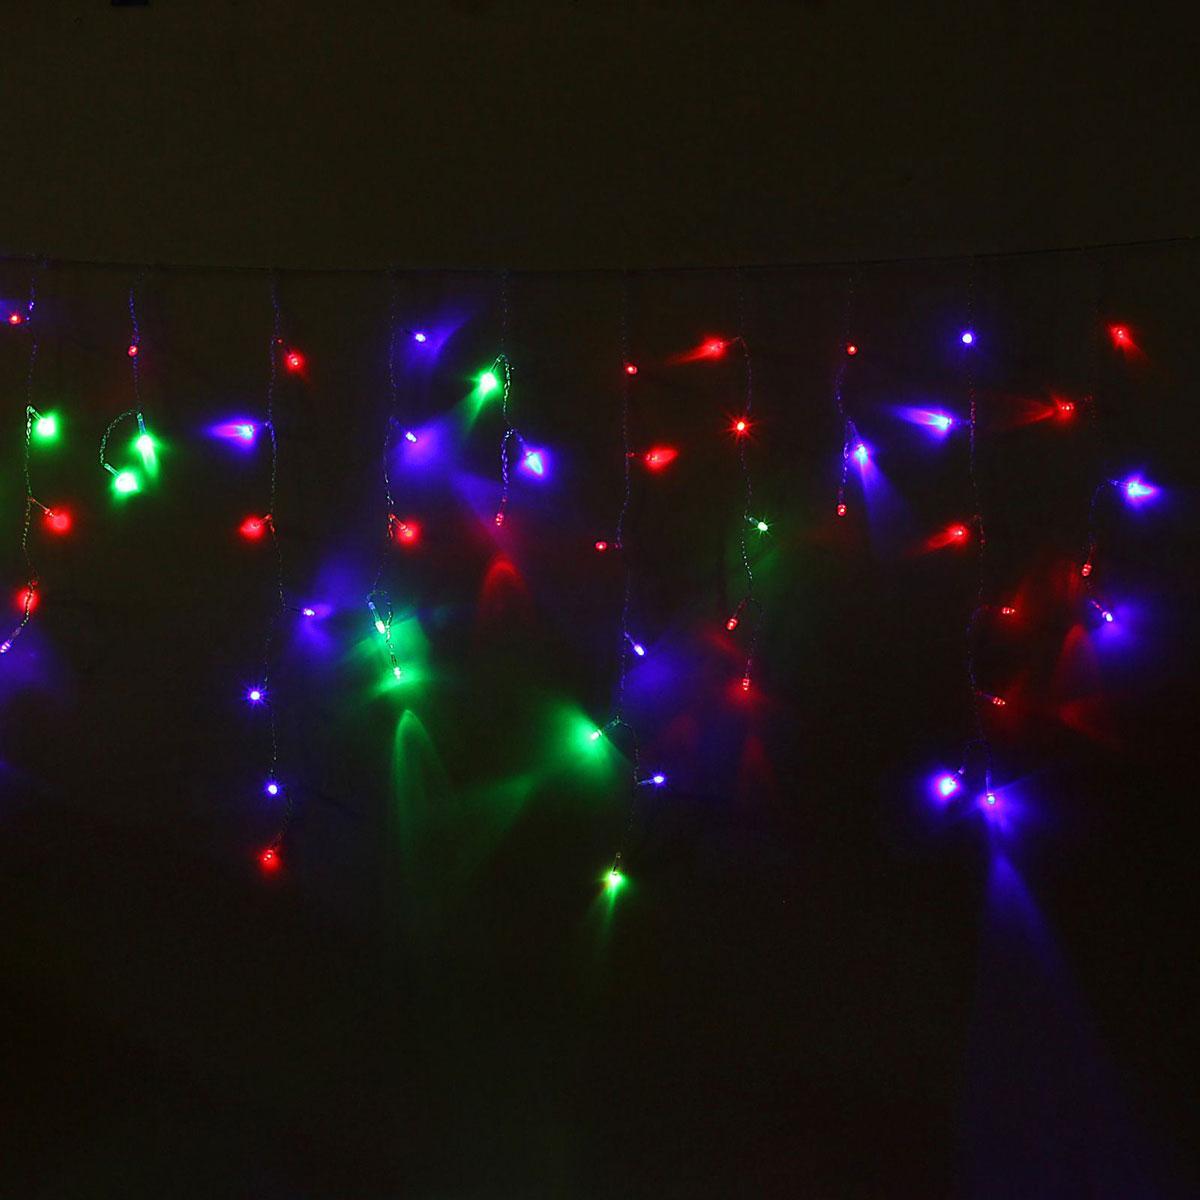 Гирлянда светодиодная Luazon Бахрома, моргает, 60 ламп, 220 V, цвет: мультиколор, 1,2 х 0,6 м. 10804071080407Светодиодные гирлянды, ленты и т.д — это отличный вариант для новогоднего оформления интерьера или фасада. С их помощью помещение любого размера можно превратить в праздничный зал, а внешние элементы зданий, украшенные ими, мгновенно станут напоминать очертания сказочного дворца. Такие украшения создают ауру предвкушения чуда. Деревья, фасады, витрины, окна и арки будто специально созданы, чтобы вы украсили их светящимися нитями.